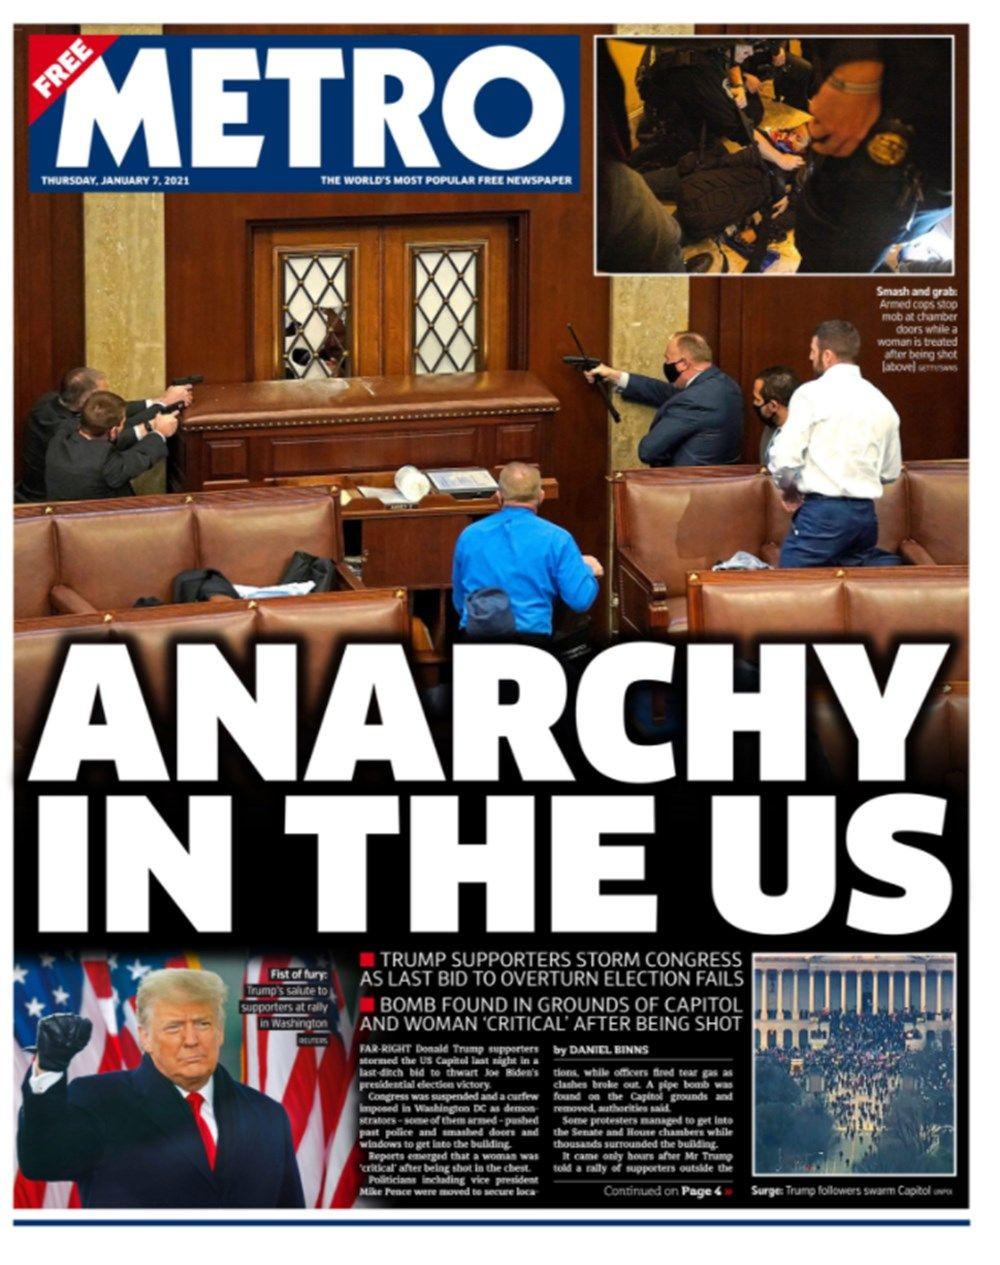 ABD'de anarşi! Dünya basını kongre baskınını böyle gördü... - Sayfa 4